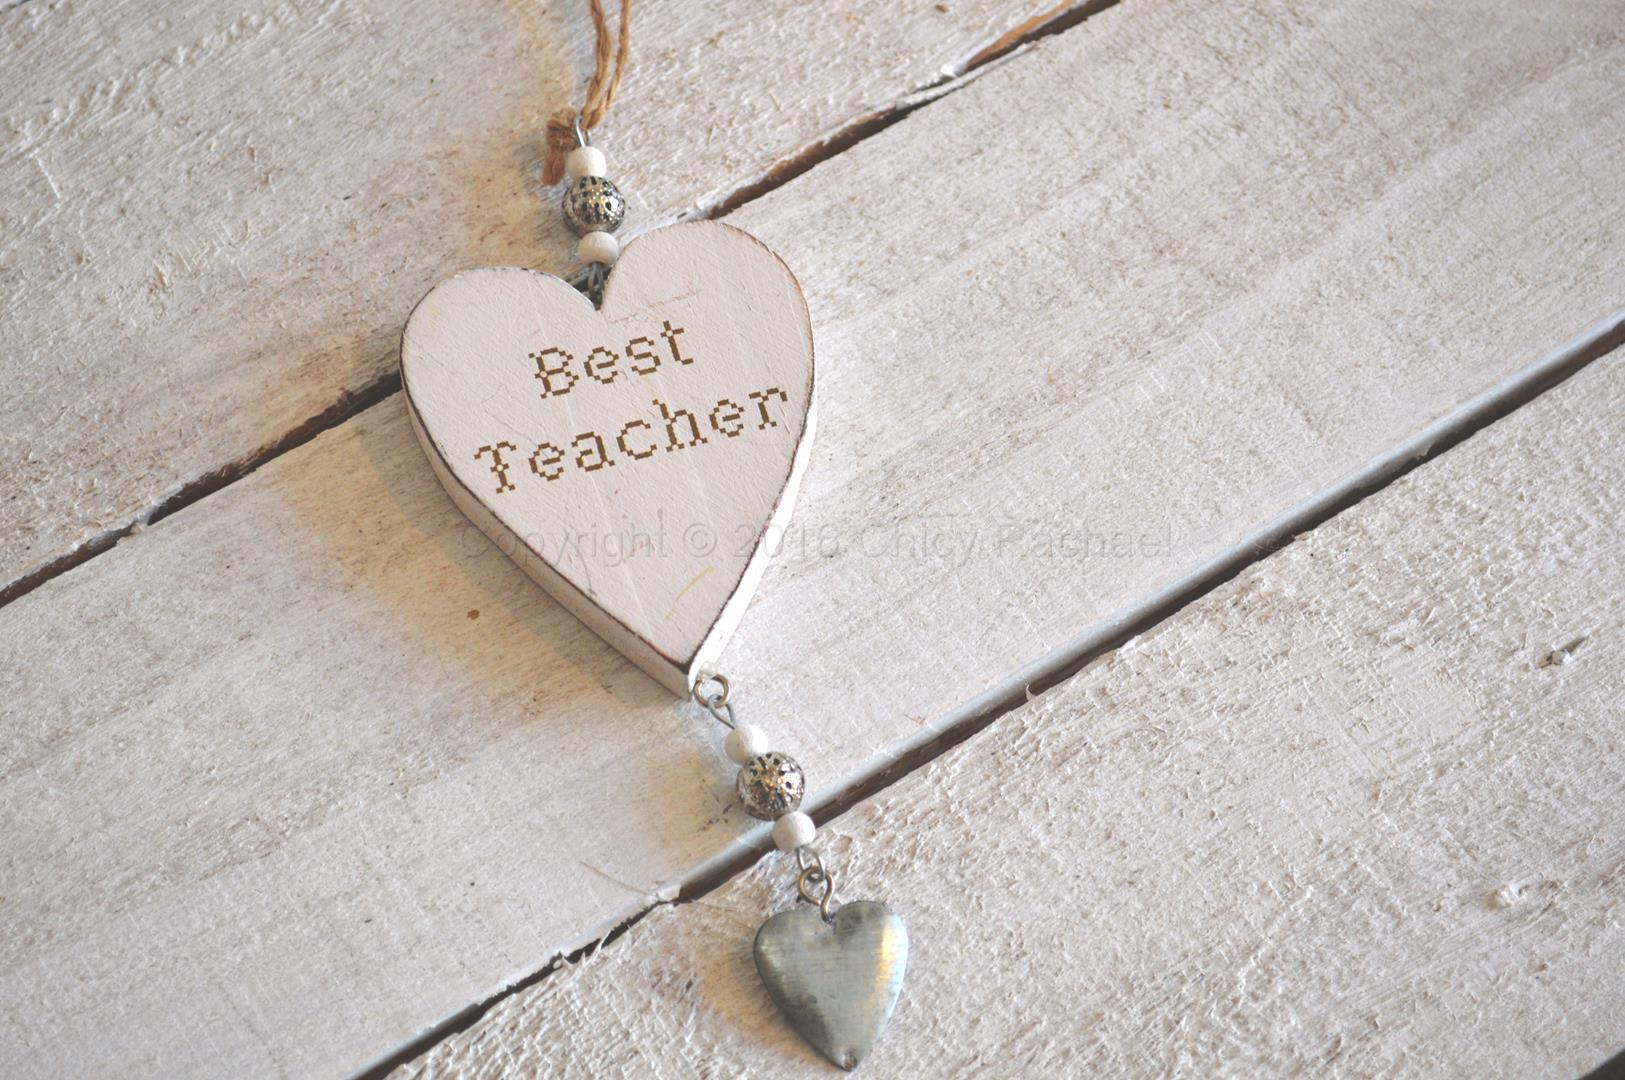 Wooden Best Teacher Hanging Heart 2